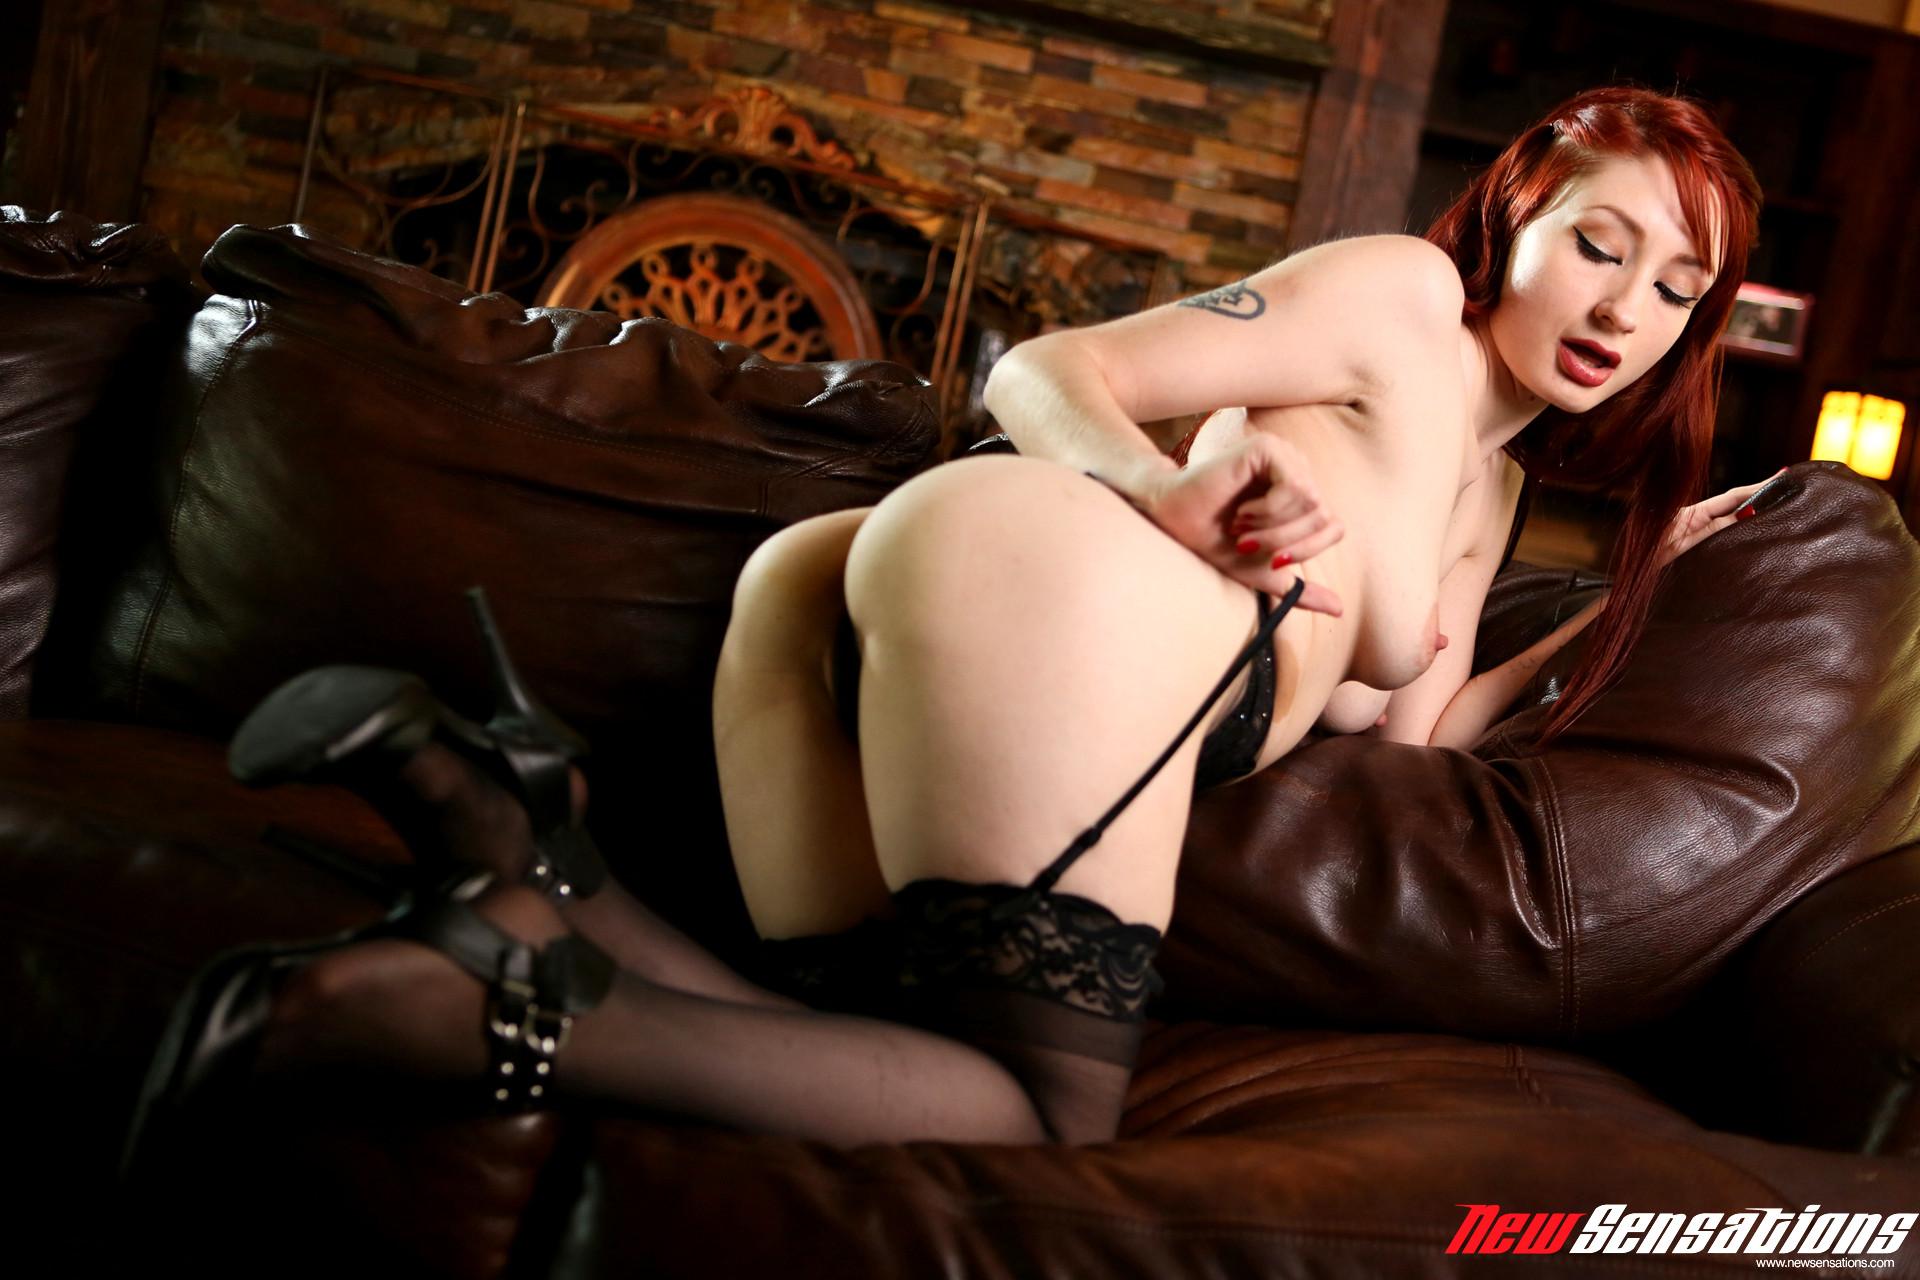 Sex Hd Mobile Pics New Sensations Violet Monroe Wild Interracial Pornimg-8568